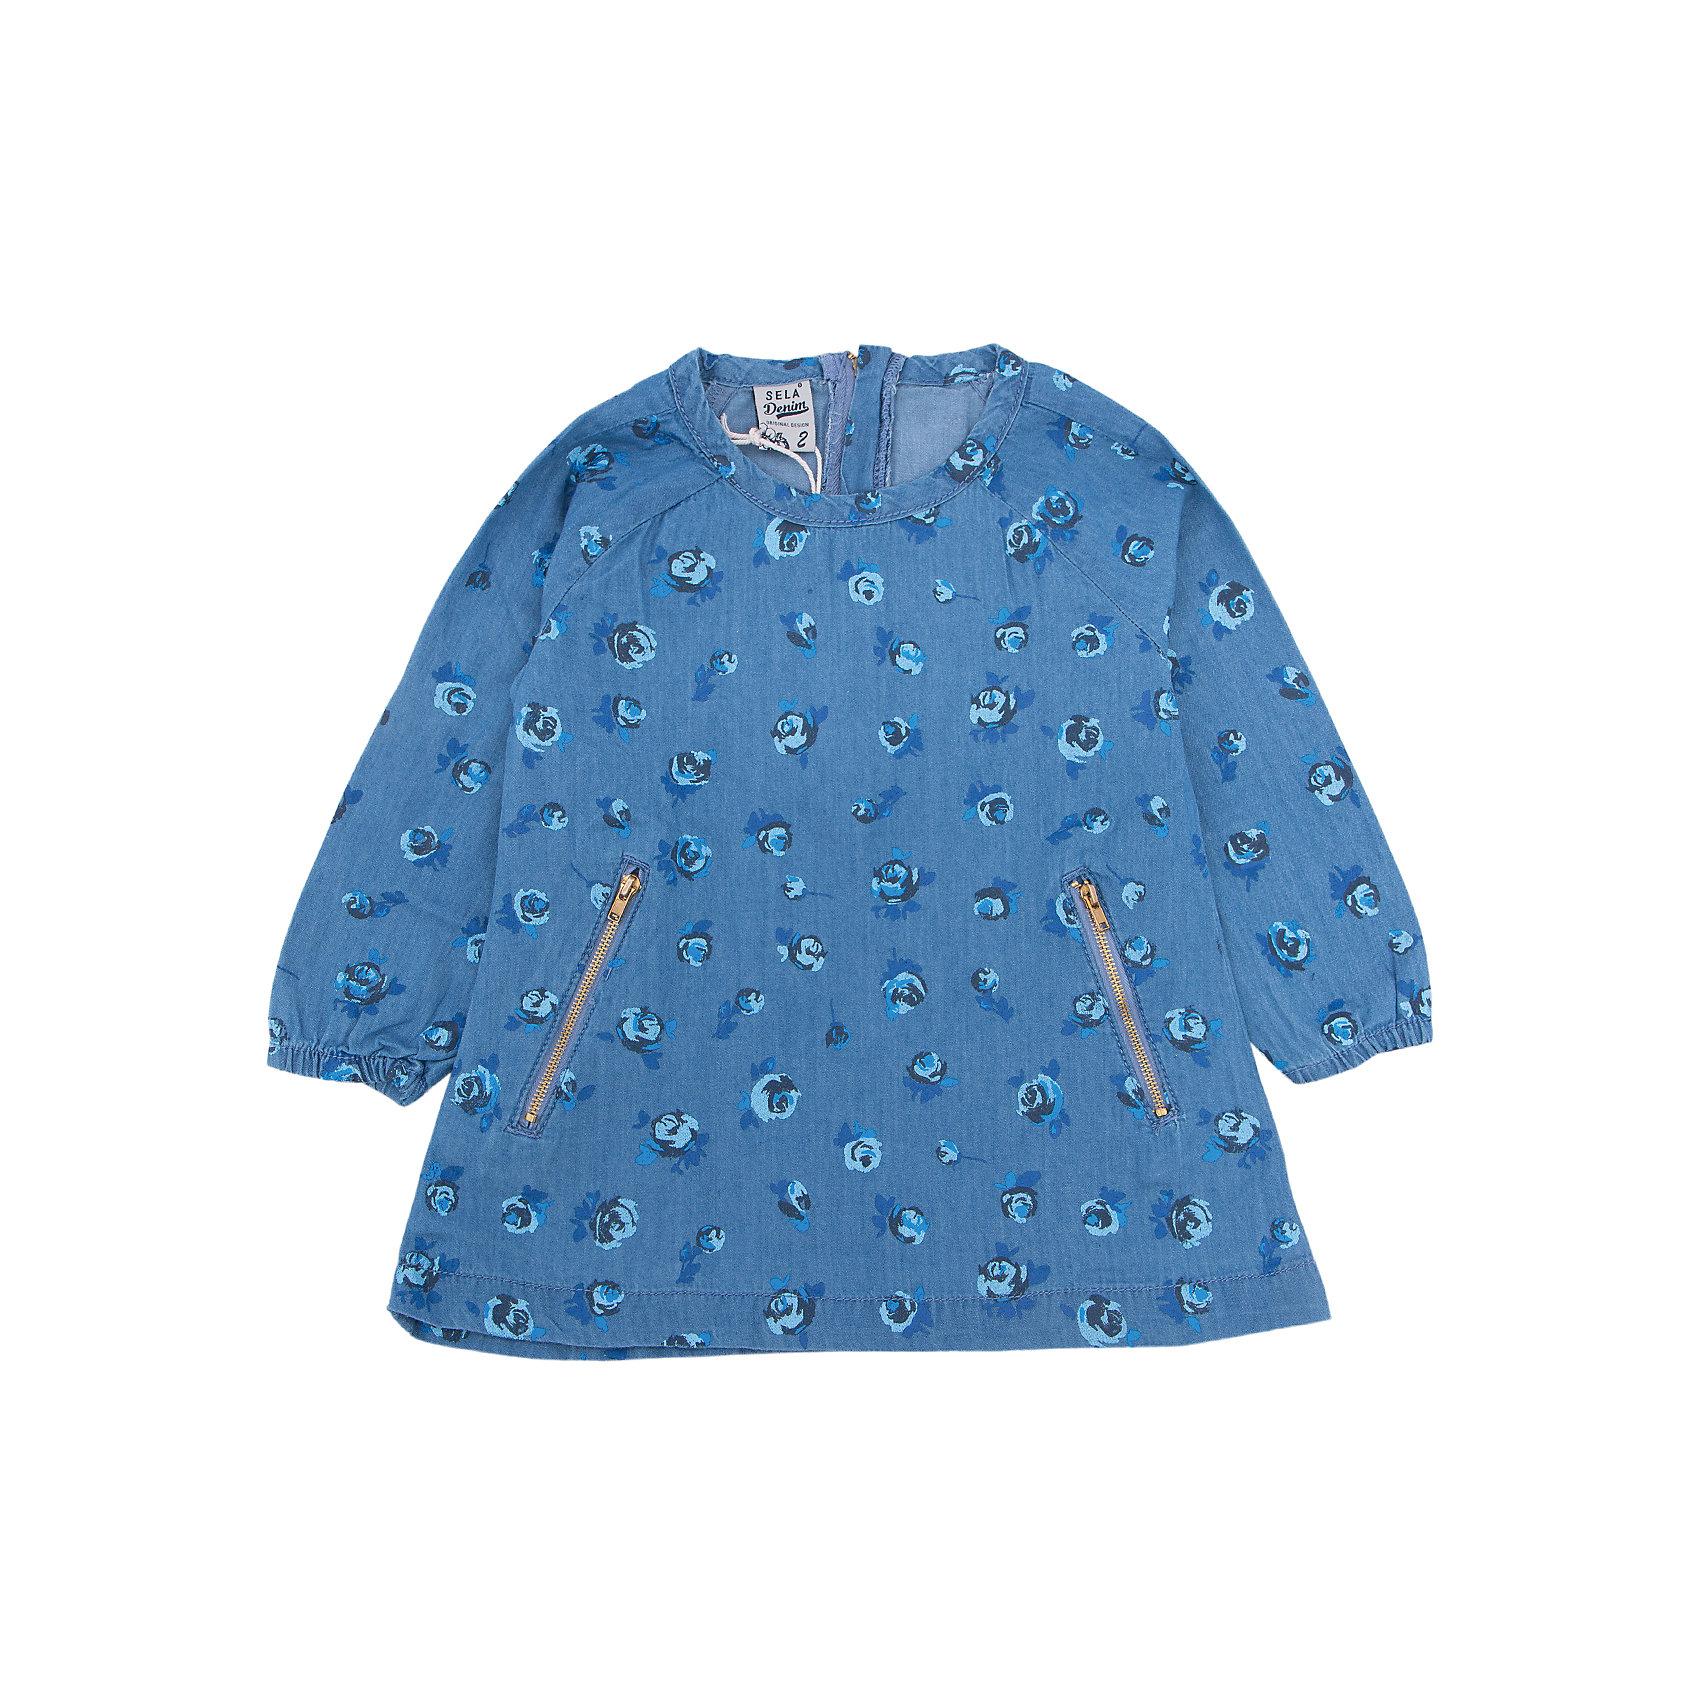 Платье для девочки SELAПлатье с принтом - очень модная вещь. Эта модель отлично сидит на ребенке, она смотрится стильно и нарядно. Приятная на ощупь ткань и качественная фурнитура обеспечивает ребенку комфорт. Модель станет отличной базовой вещью, которая будет уместна в различных сочетаниях.<br>Одежда от бренда Sela (Села) - это качество по приемлемым ценам. Многие российские родители уже оценили преимущества продукции этой компании и всё чаще приобретают одежду и аксессуары Sela.<br><br>Дополнительная информация:<br><br>цвет: синий;<br>материал: 100% хлопок;<br>с принтом;<br>длинный рукав.<br><br>Платье для девочки от бренда Sela можно купить в нашем интернет-магазине.<br><br>Ширина мм: 236<br>Глубина мм: 16<br>Высота мм: 184<br>Вес г: 177<br>Цвет: синий<br>Возраст от месяцев: 60<br>Возраст до месяцев: 72<br>Пол: Женский<br>Возраст: Детский<br>Размер: 116,98,92,104,110<br>SKU: 5020135